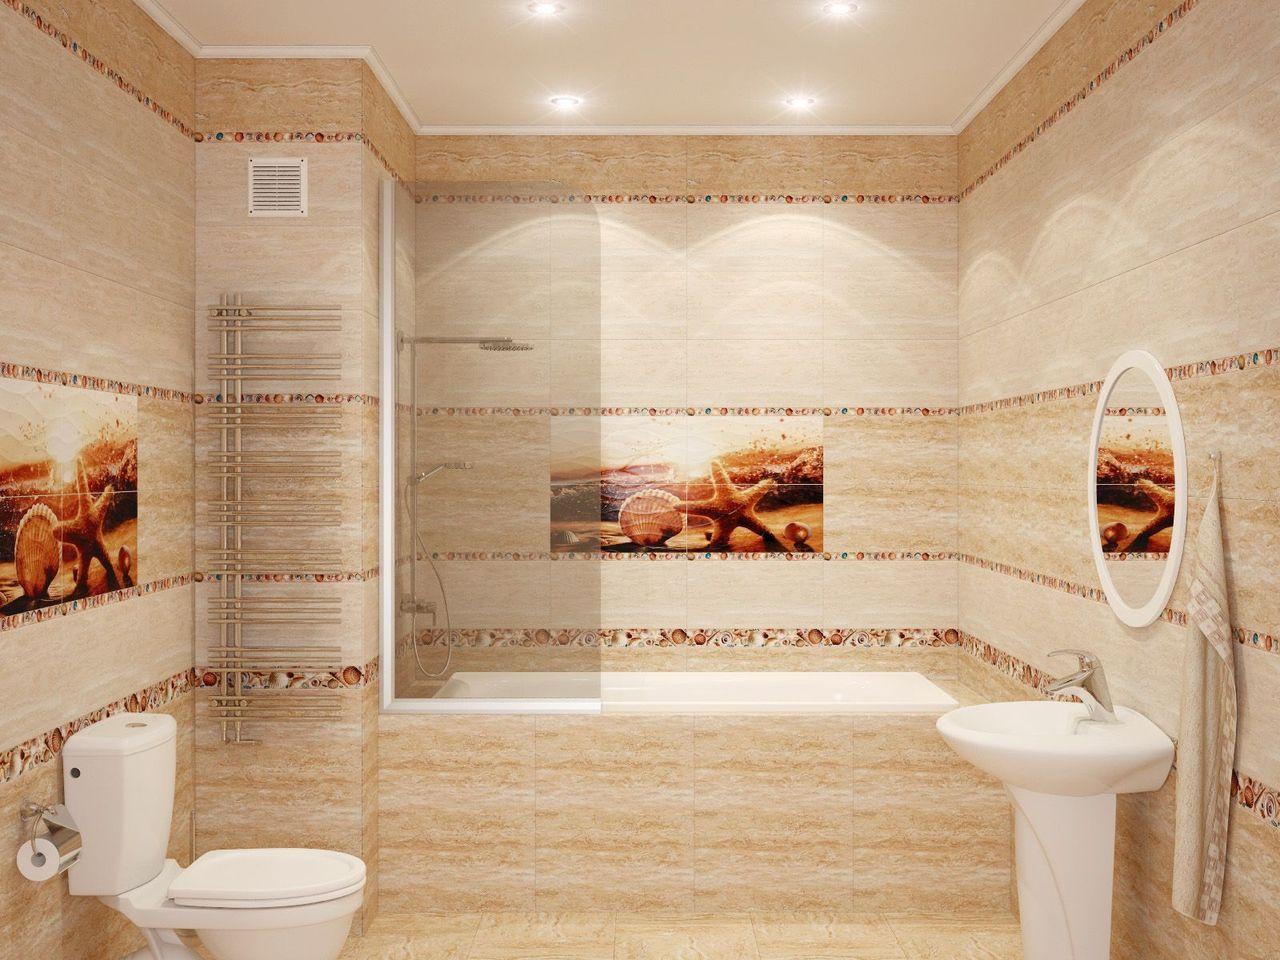 Кафельная плитка с картинами для декора ванной комнаты в стиле песка и пустыни